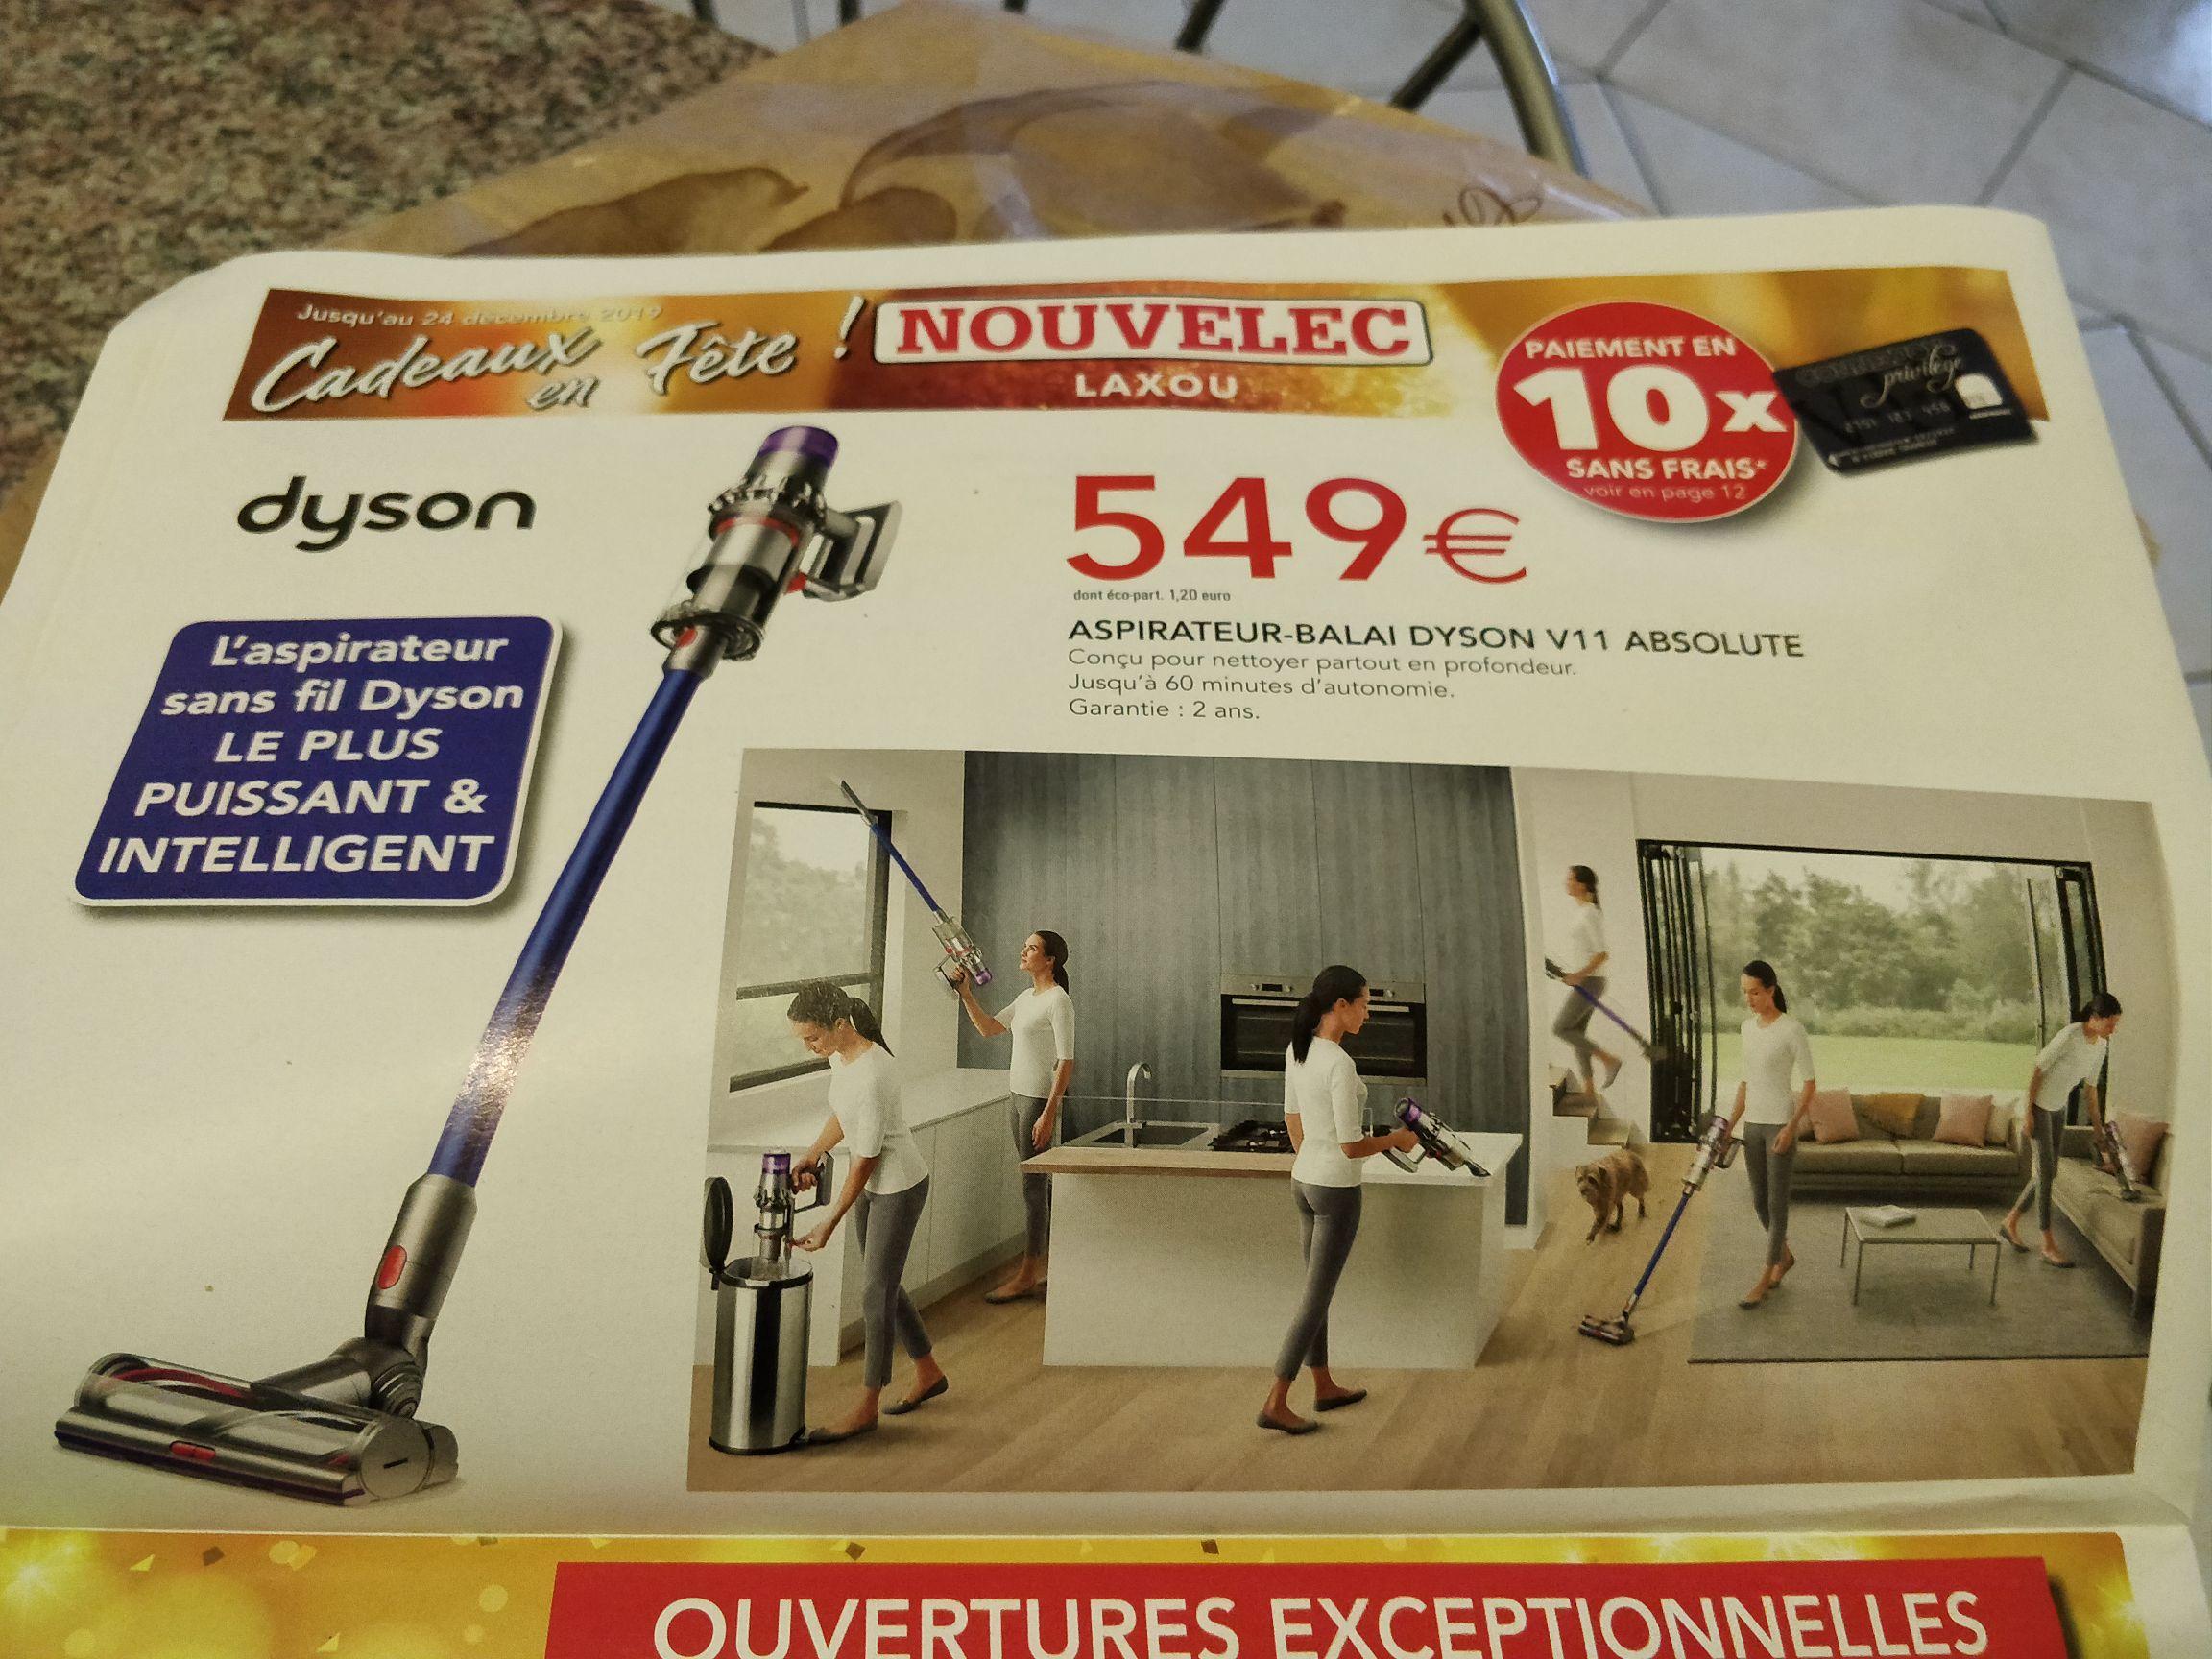 Aspirateur balai Dyson V11 Absolute - Novelec Laxou (54)